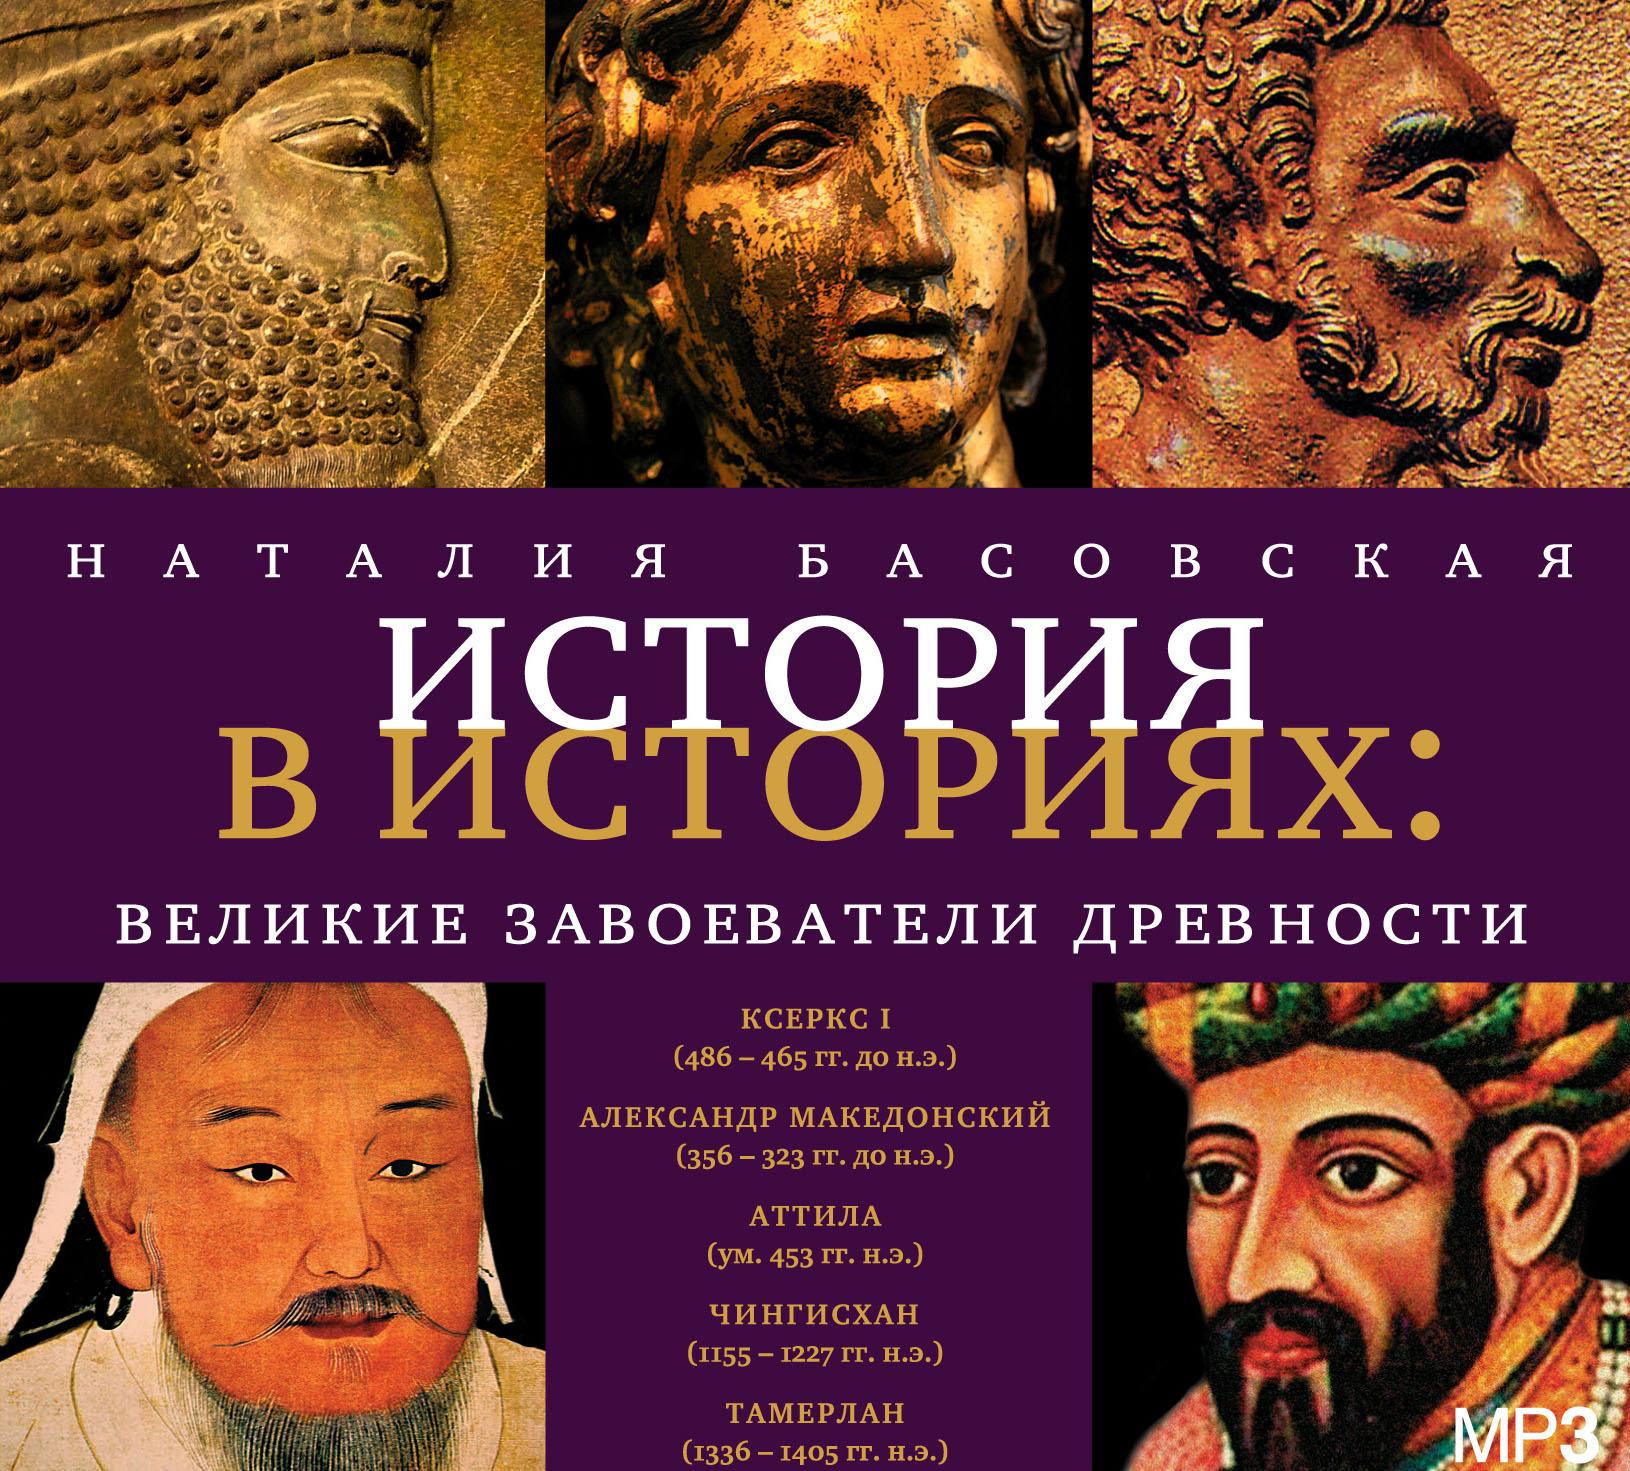 Наталия Басовская Великие завоеватели древности цена и фото